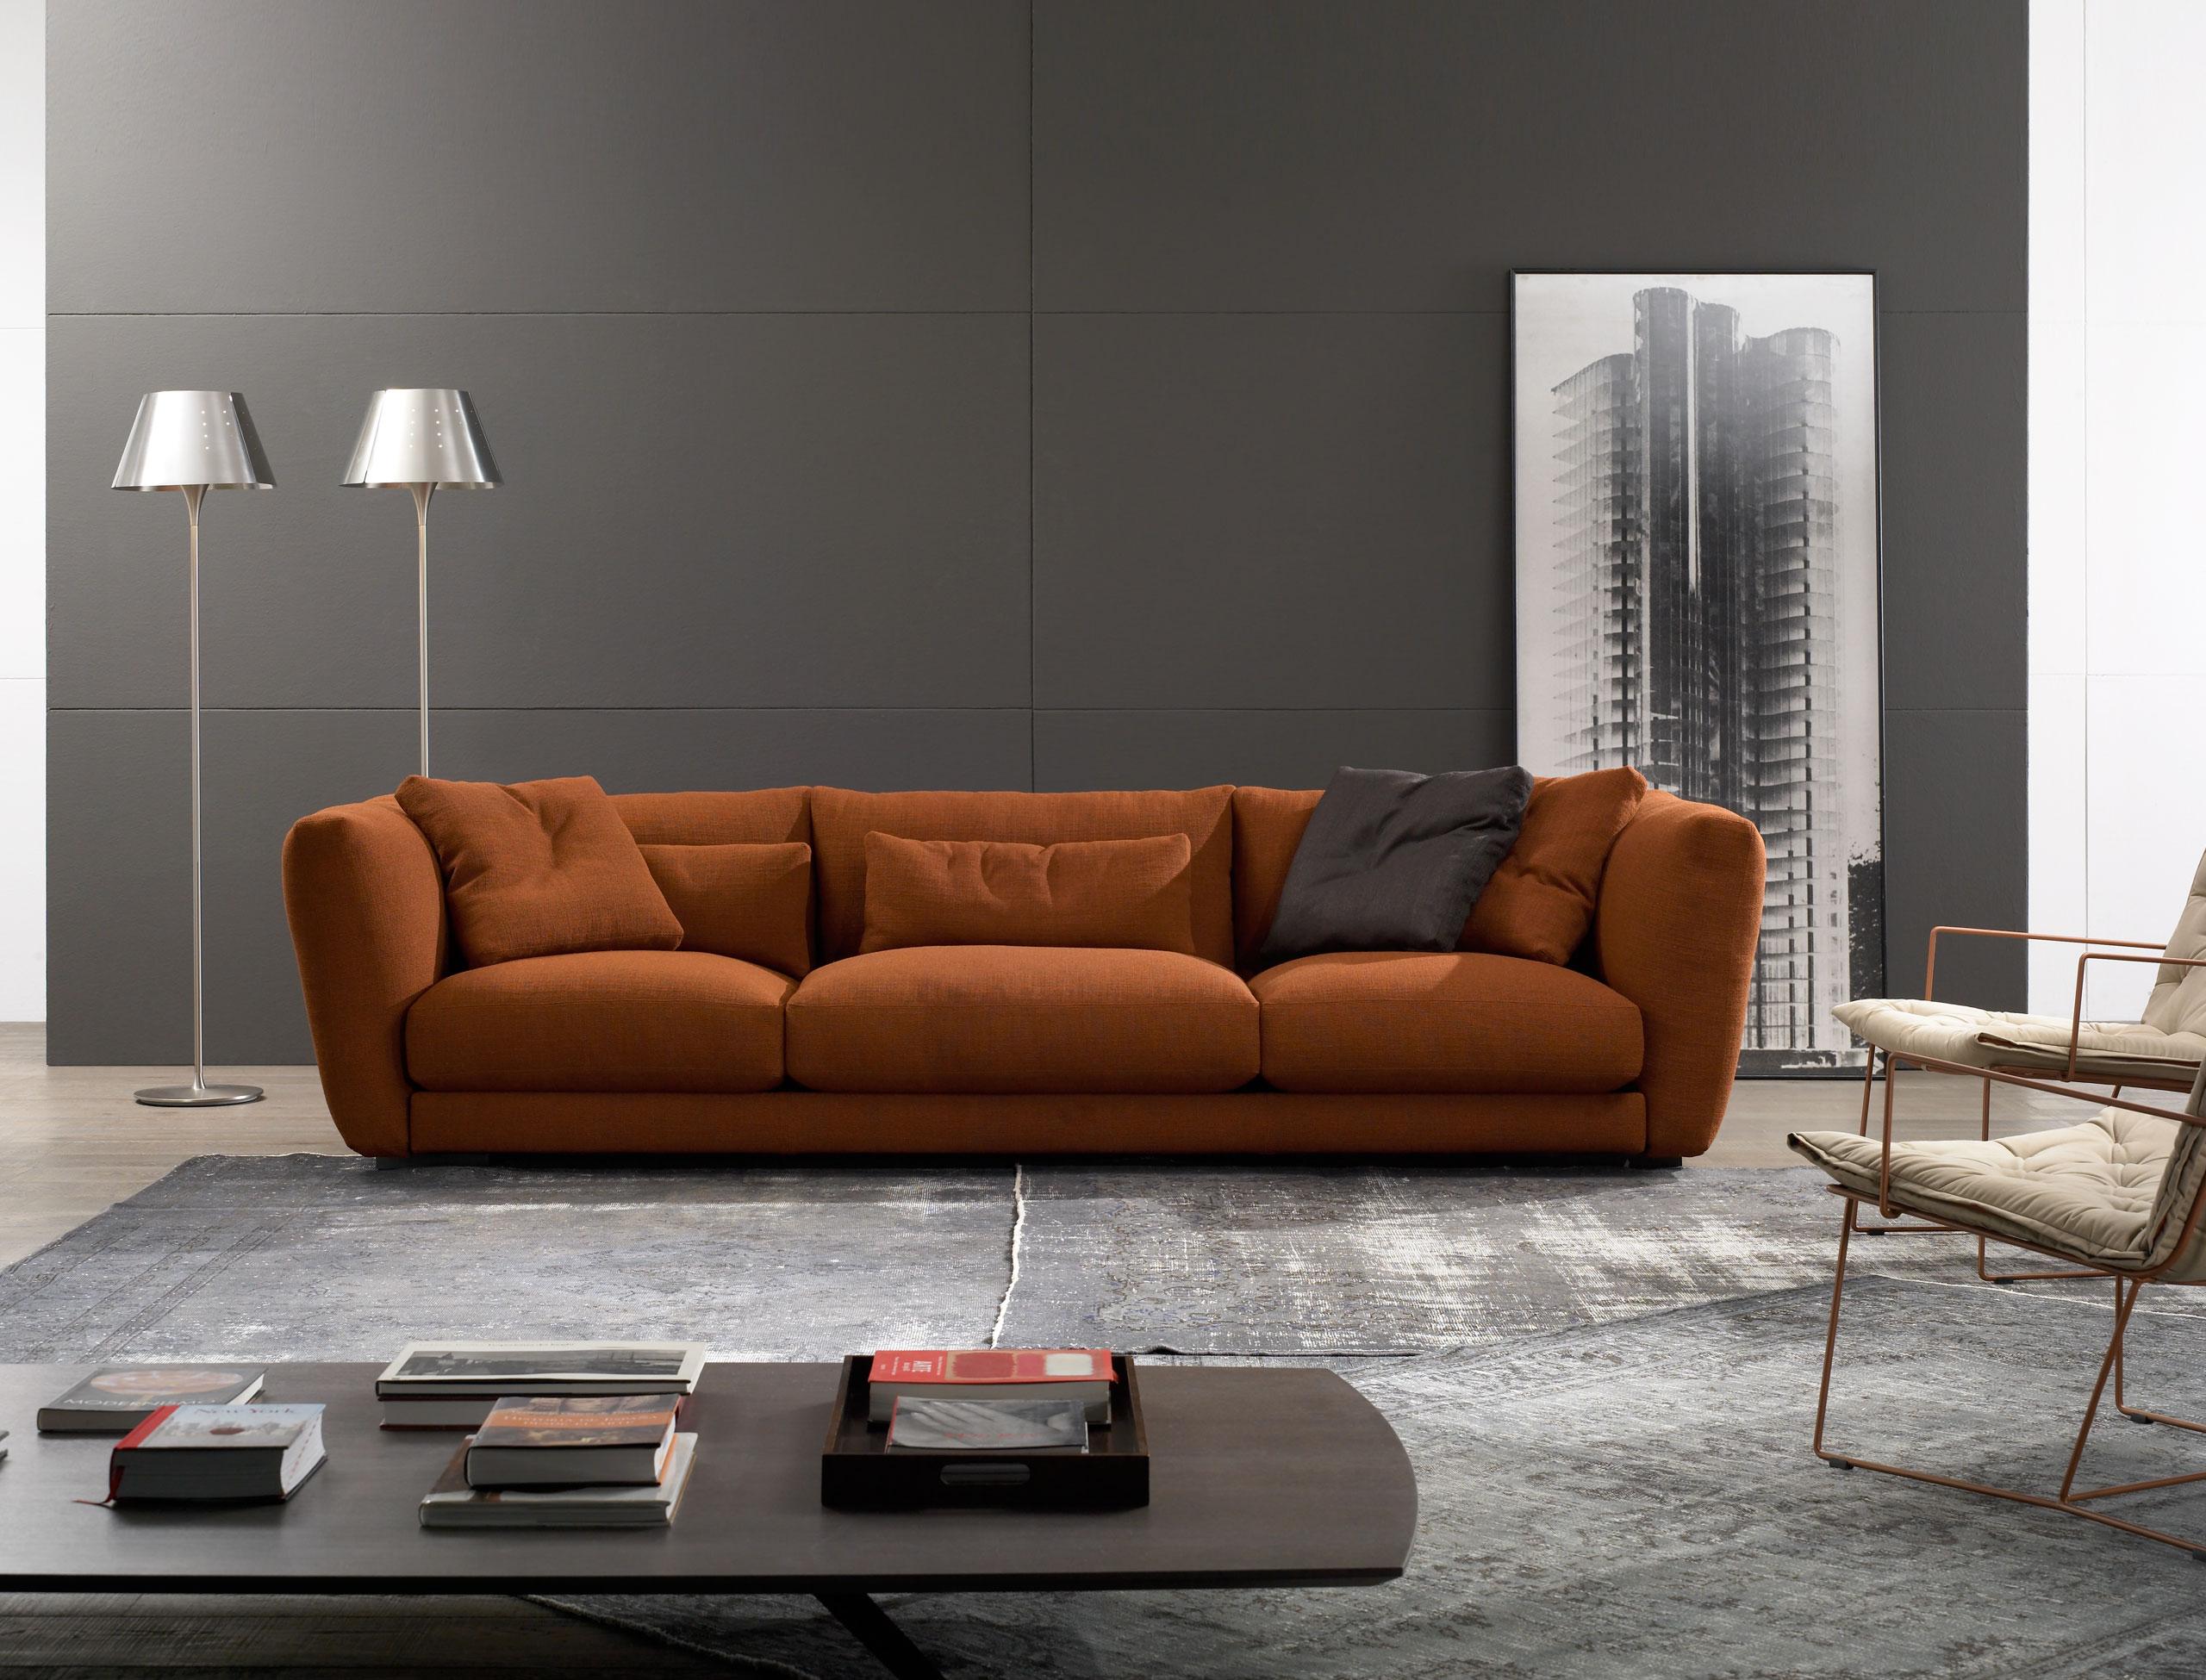 sofa tierra casadesus muebles mallorca